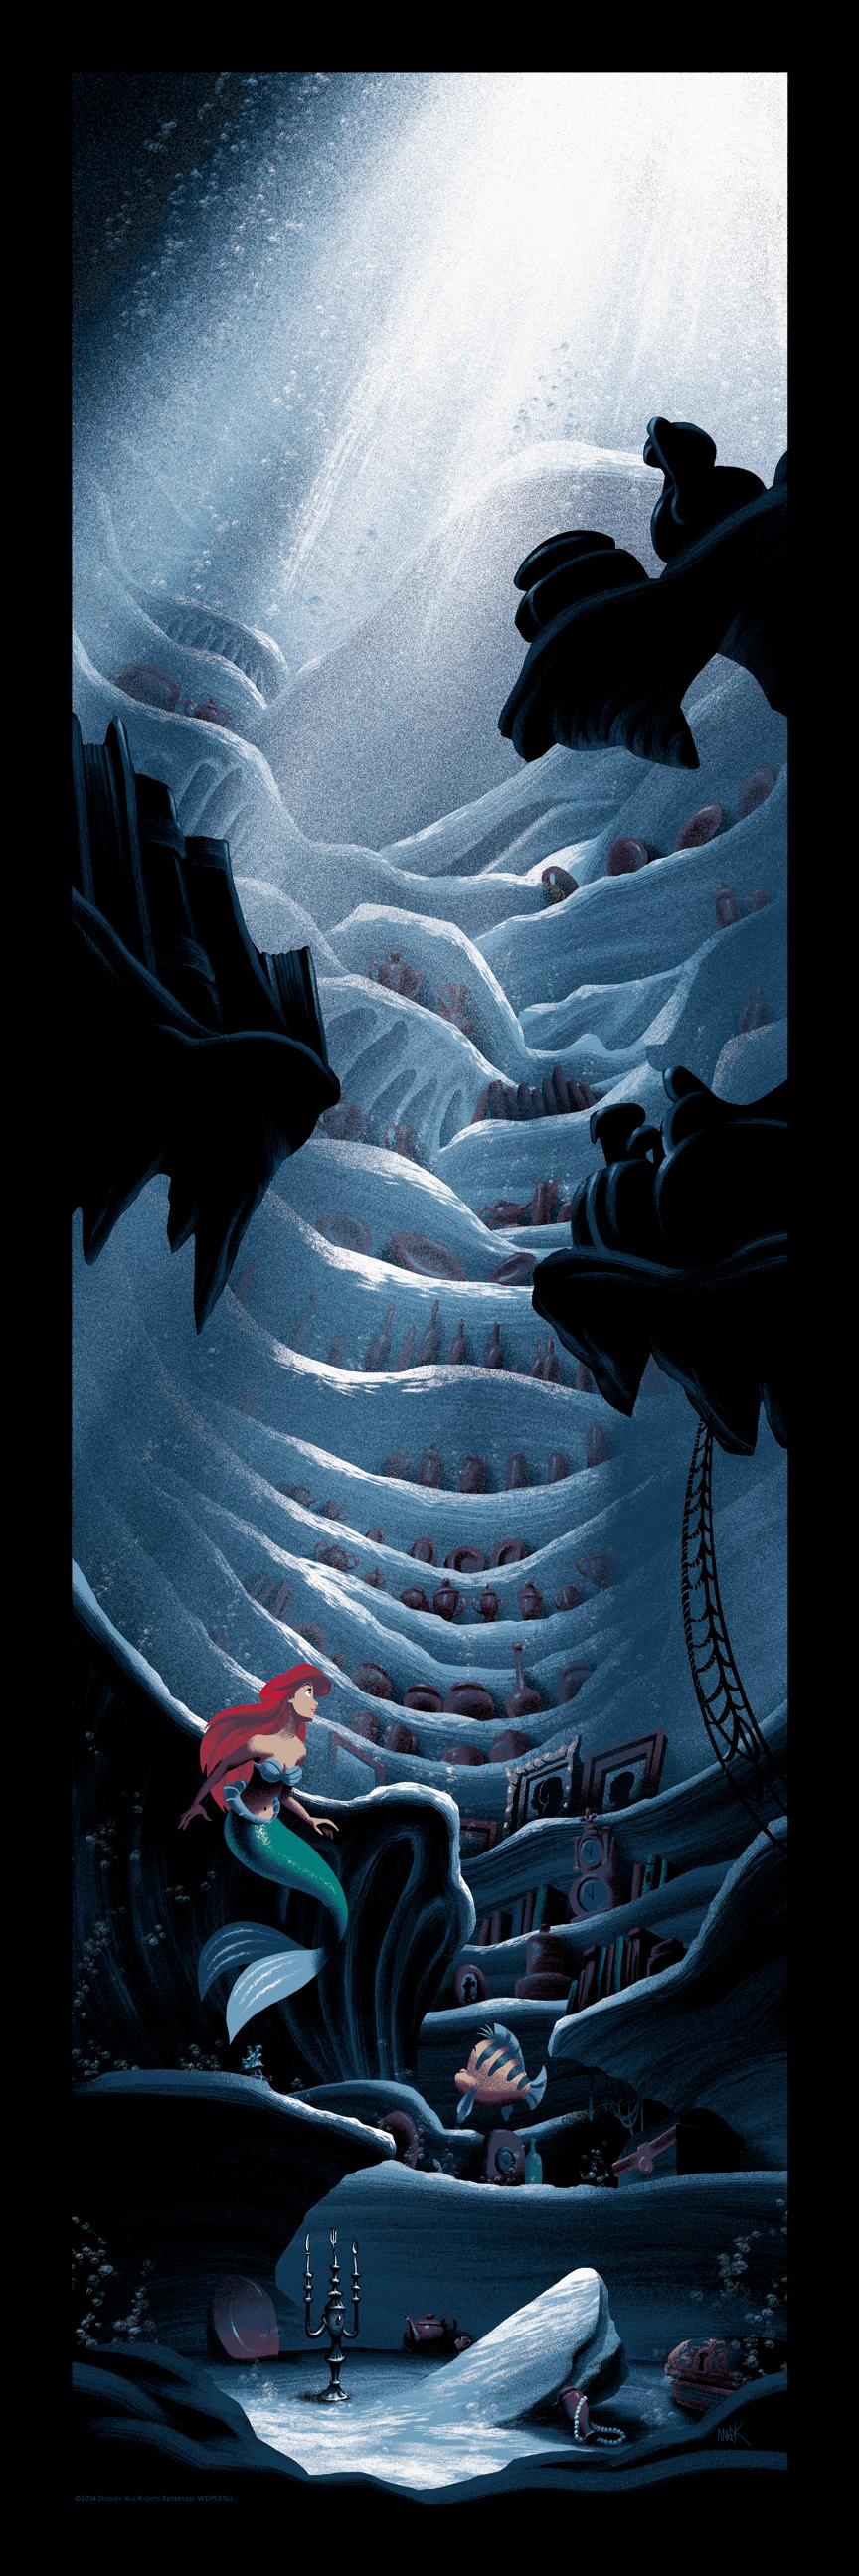 Mark-Englert-Little-Mermaid-Large.jpg